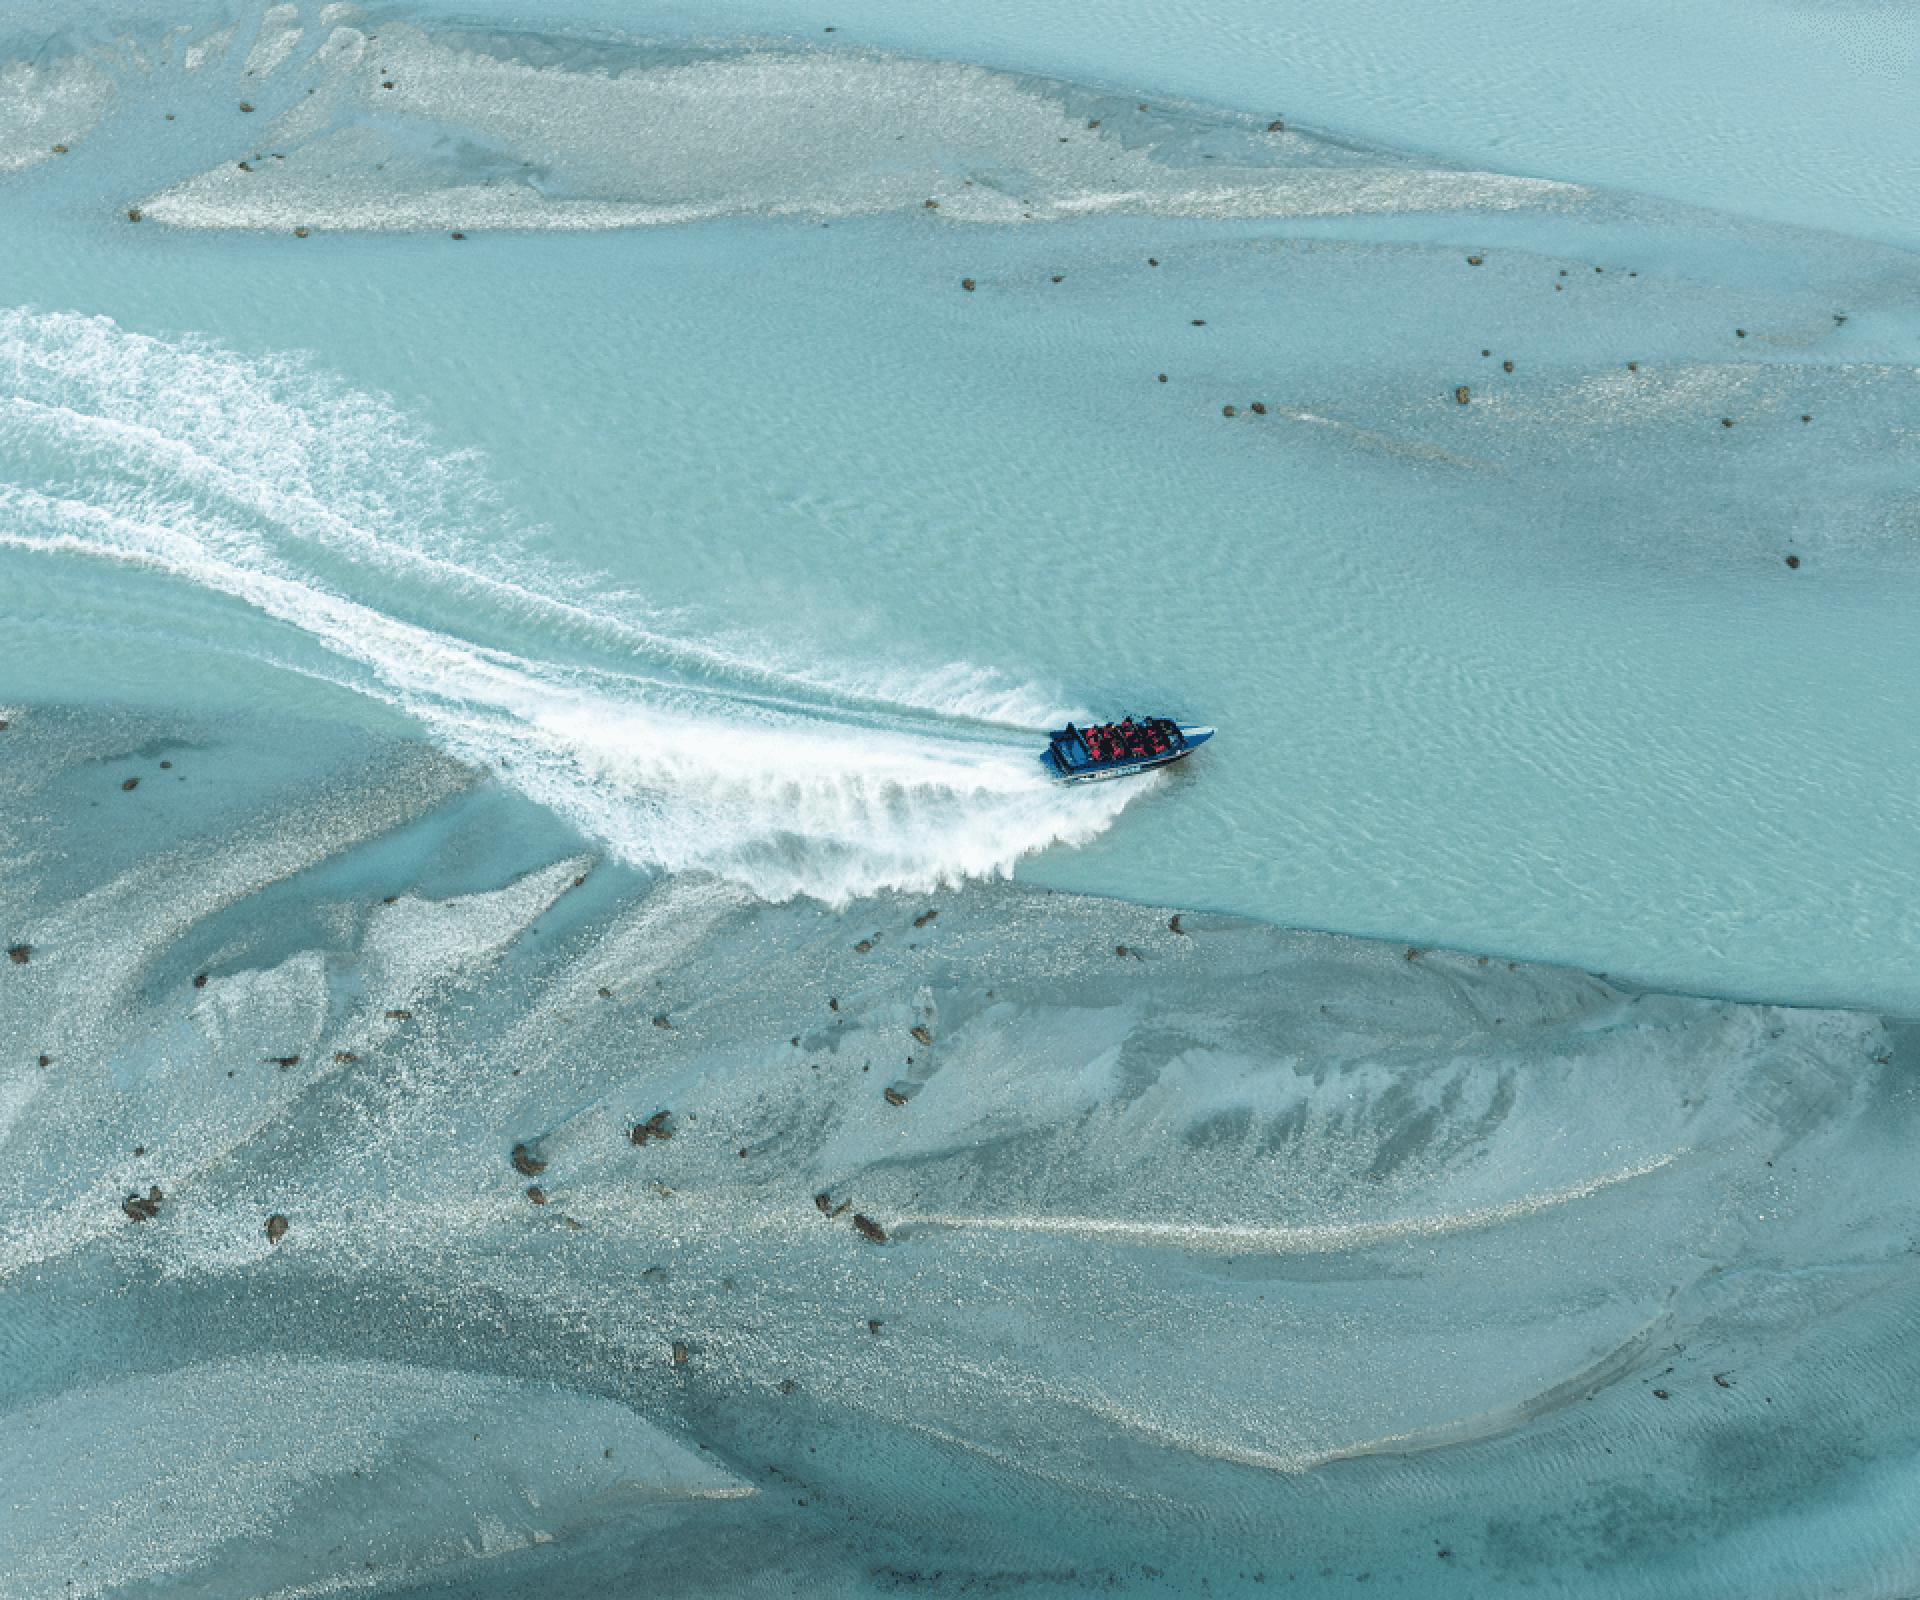 【魔戒中土世界漫步】紐西蘭達特河快艇、魔戒森林徒步之旅(皇后鎮出發)